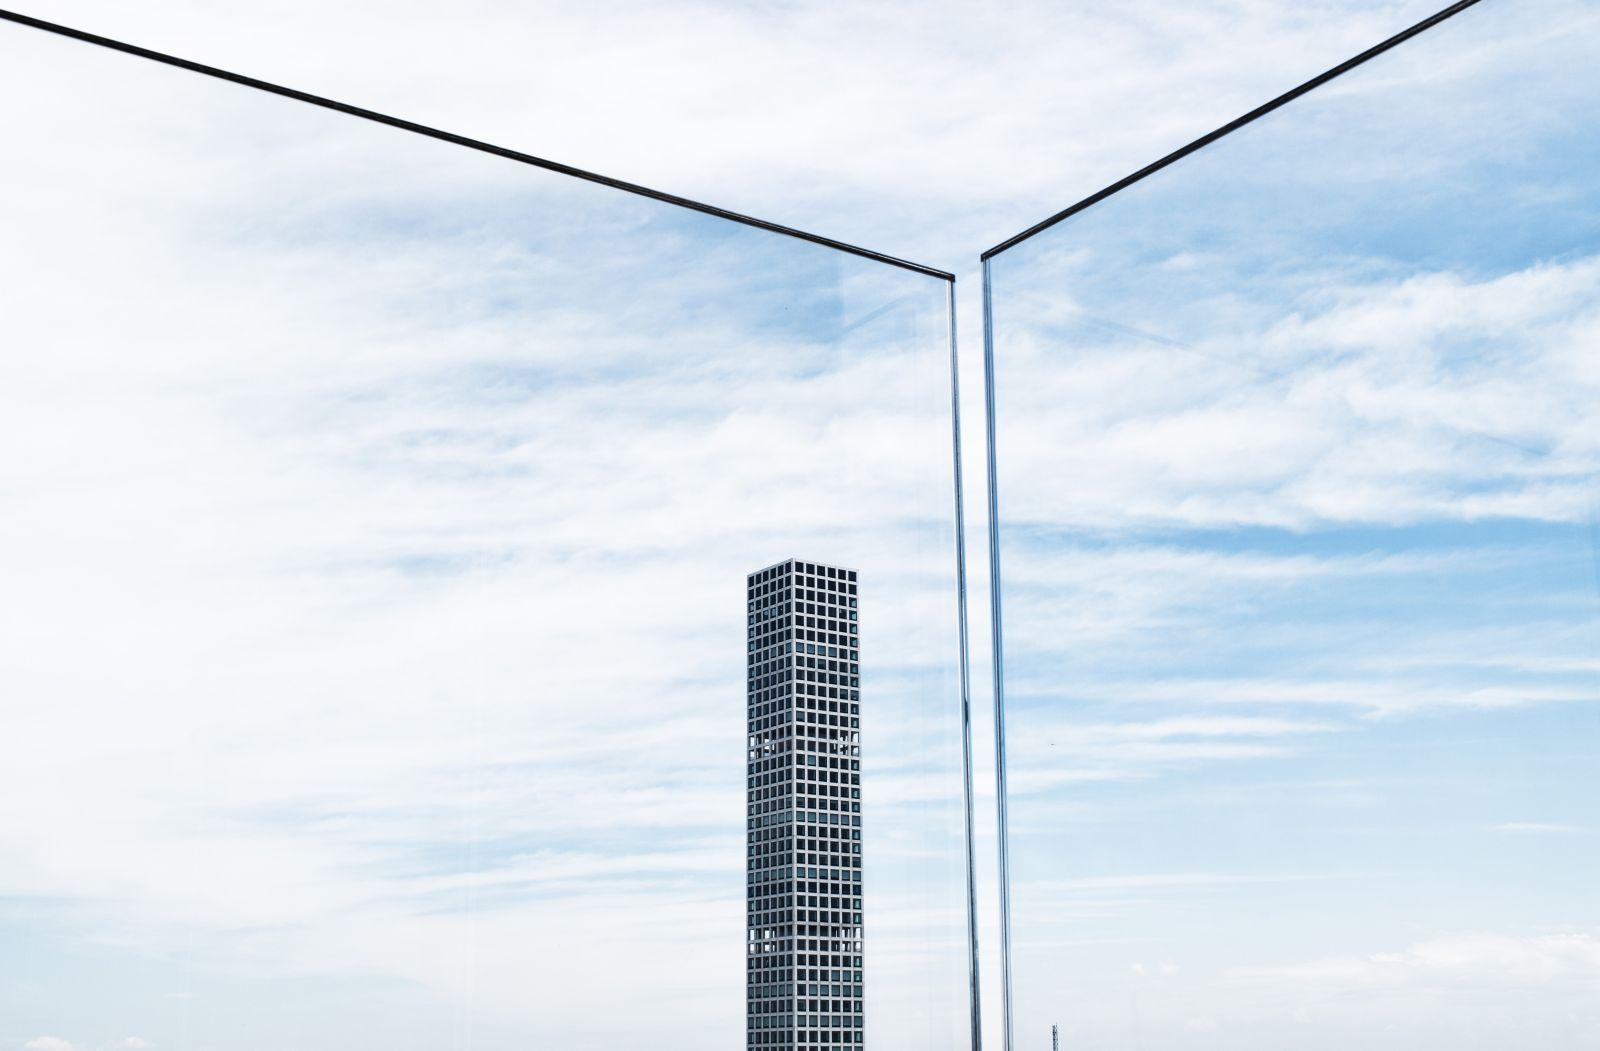 Im Vordergrund sind Glasscheiben zu sehen und im Hintergrund ein Wolkenkratzer mit lauter Fensterscheiben